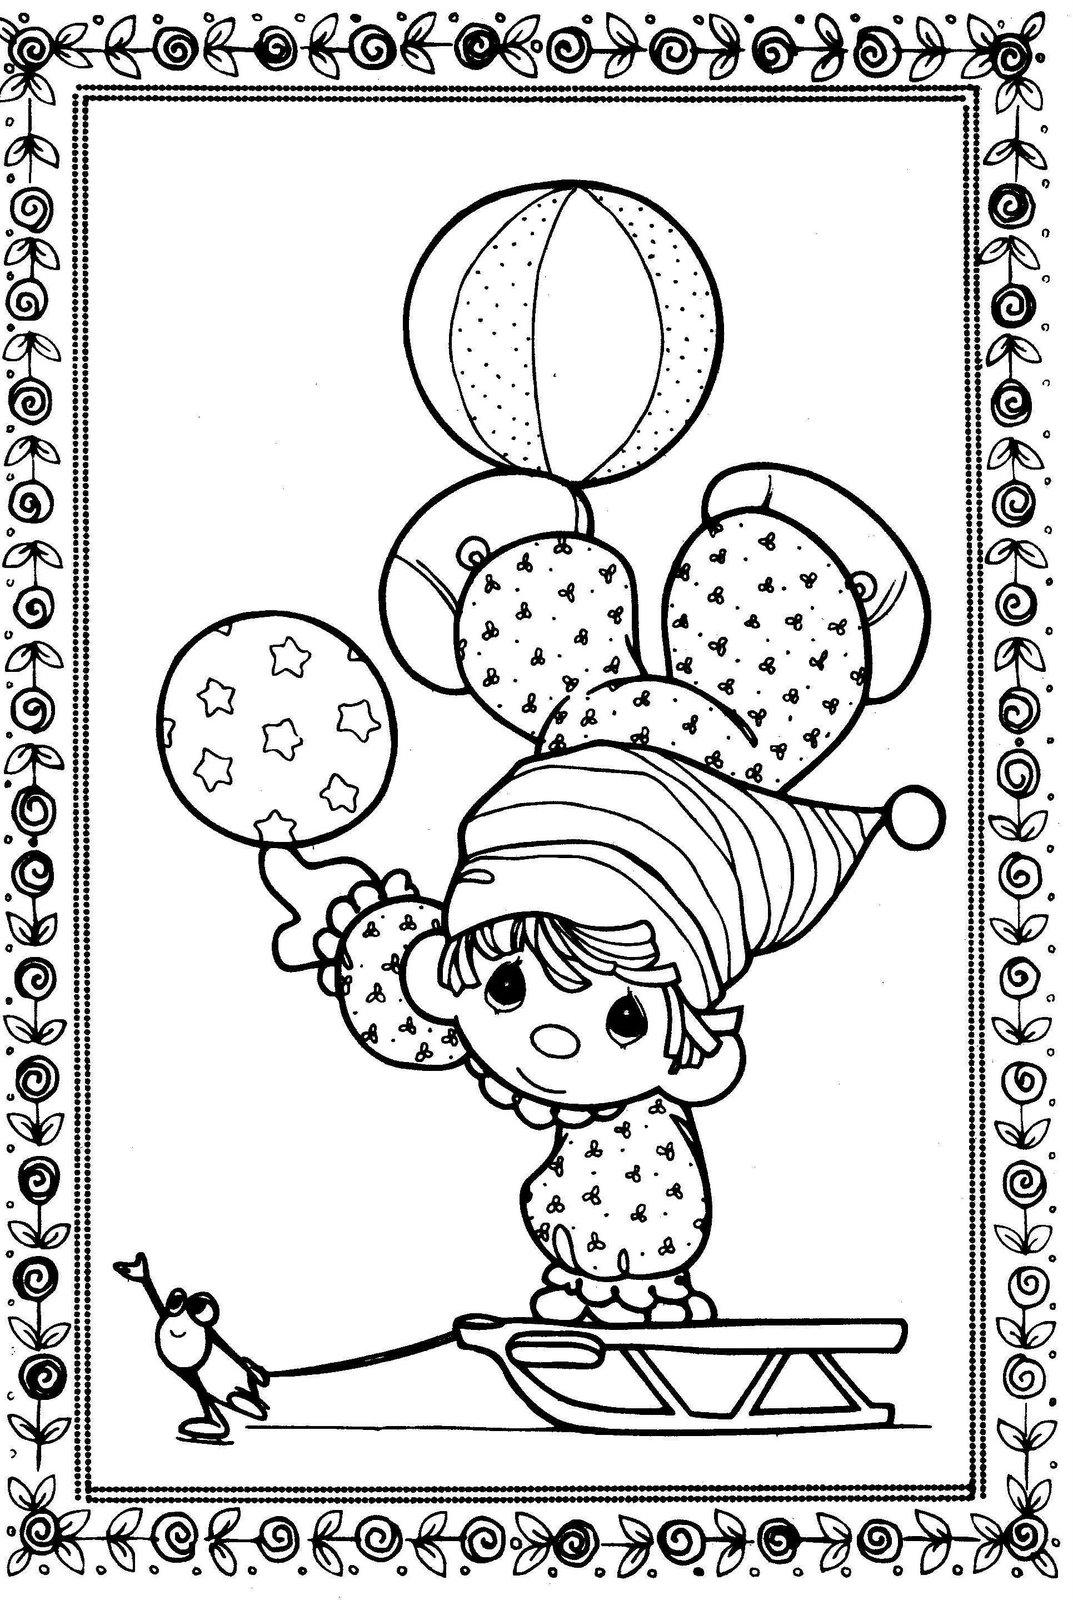 Dibujo de Payasito en trineo de Los Preciosos Momentos para colorear